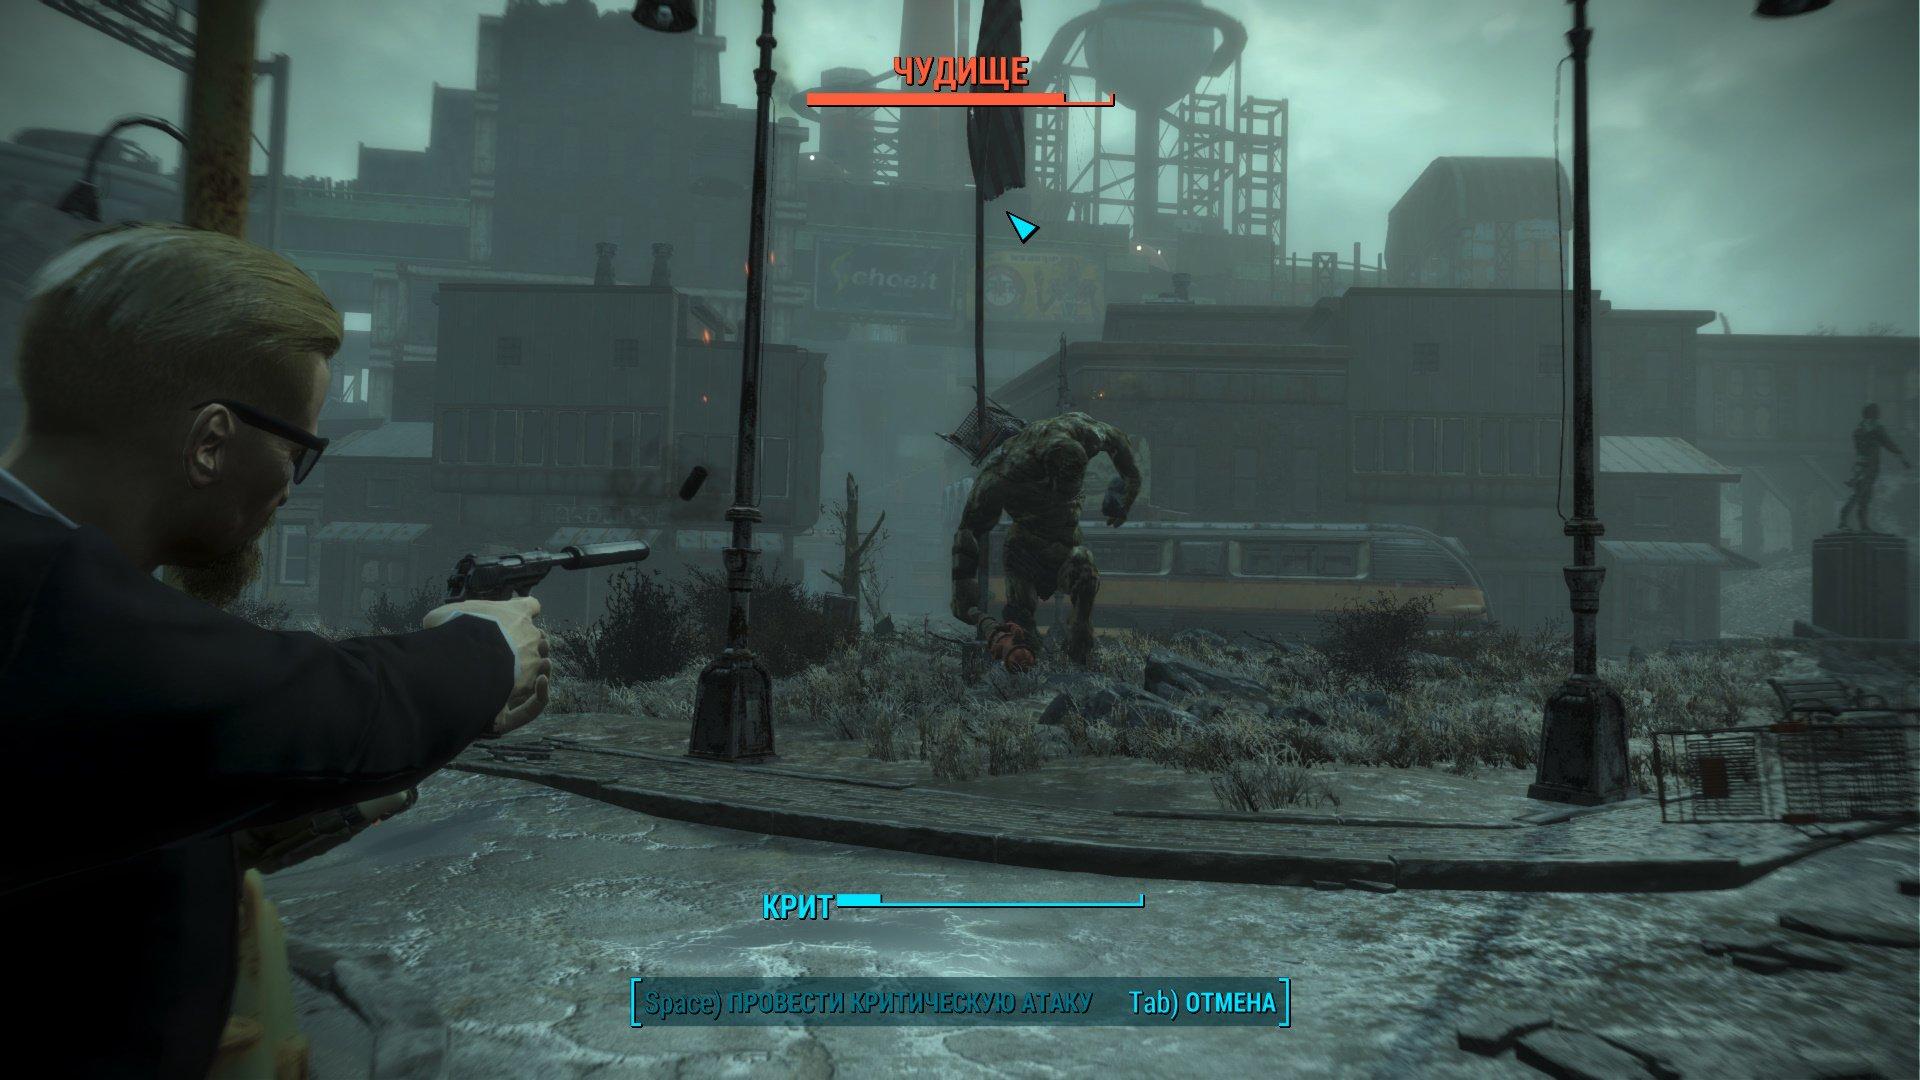 Сравнительный анализ (на самом деле нет) Fallout New Vegas vs. Fallout 4 (часть 2) - Изображение 2